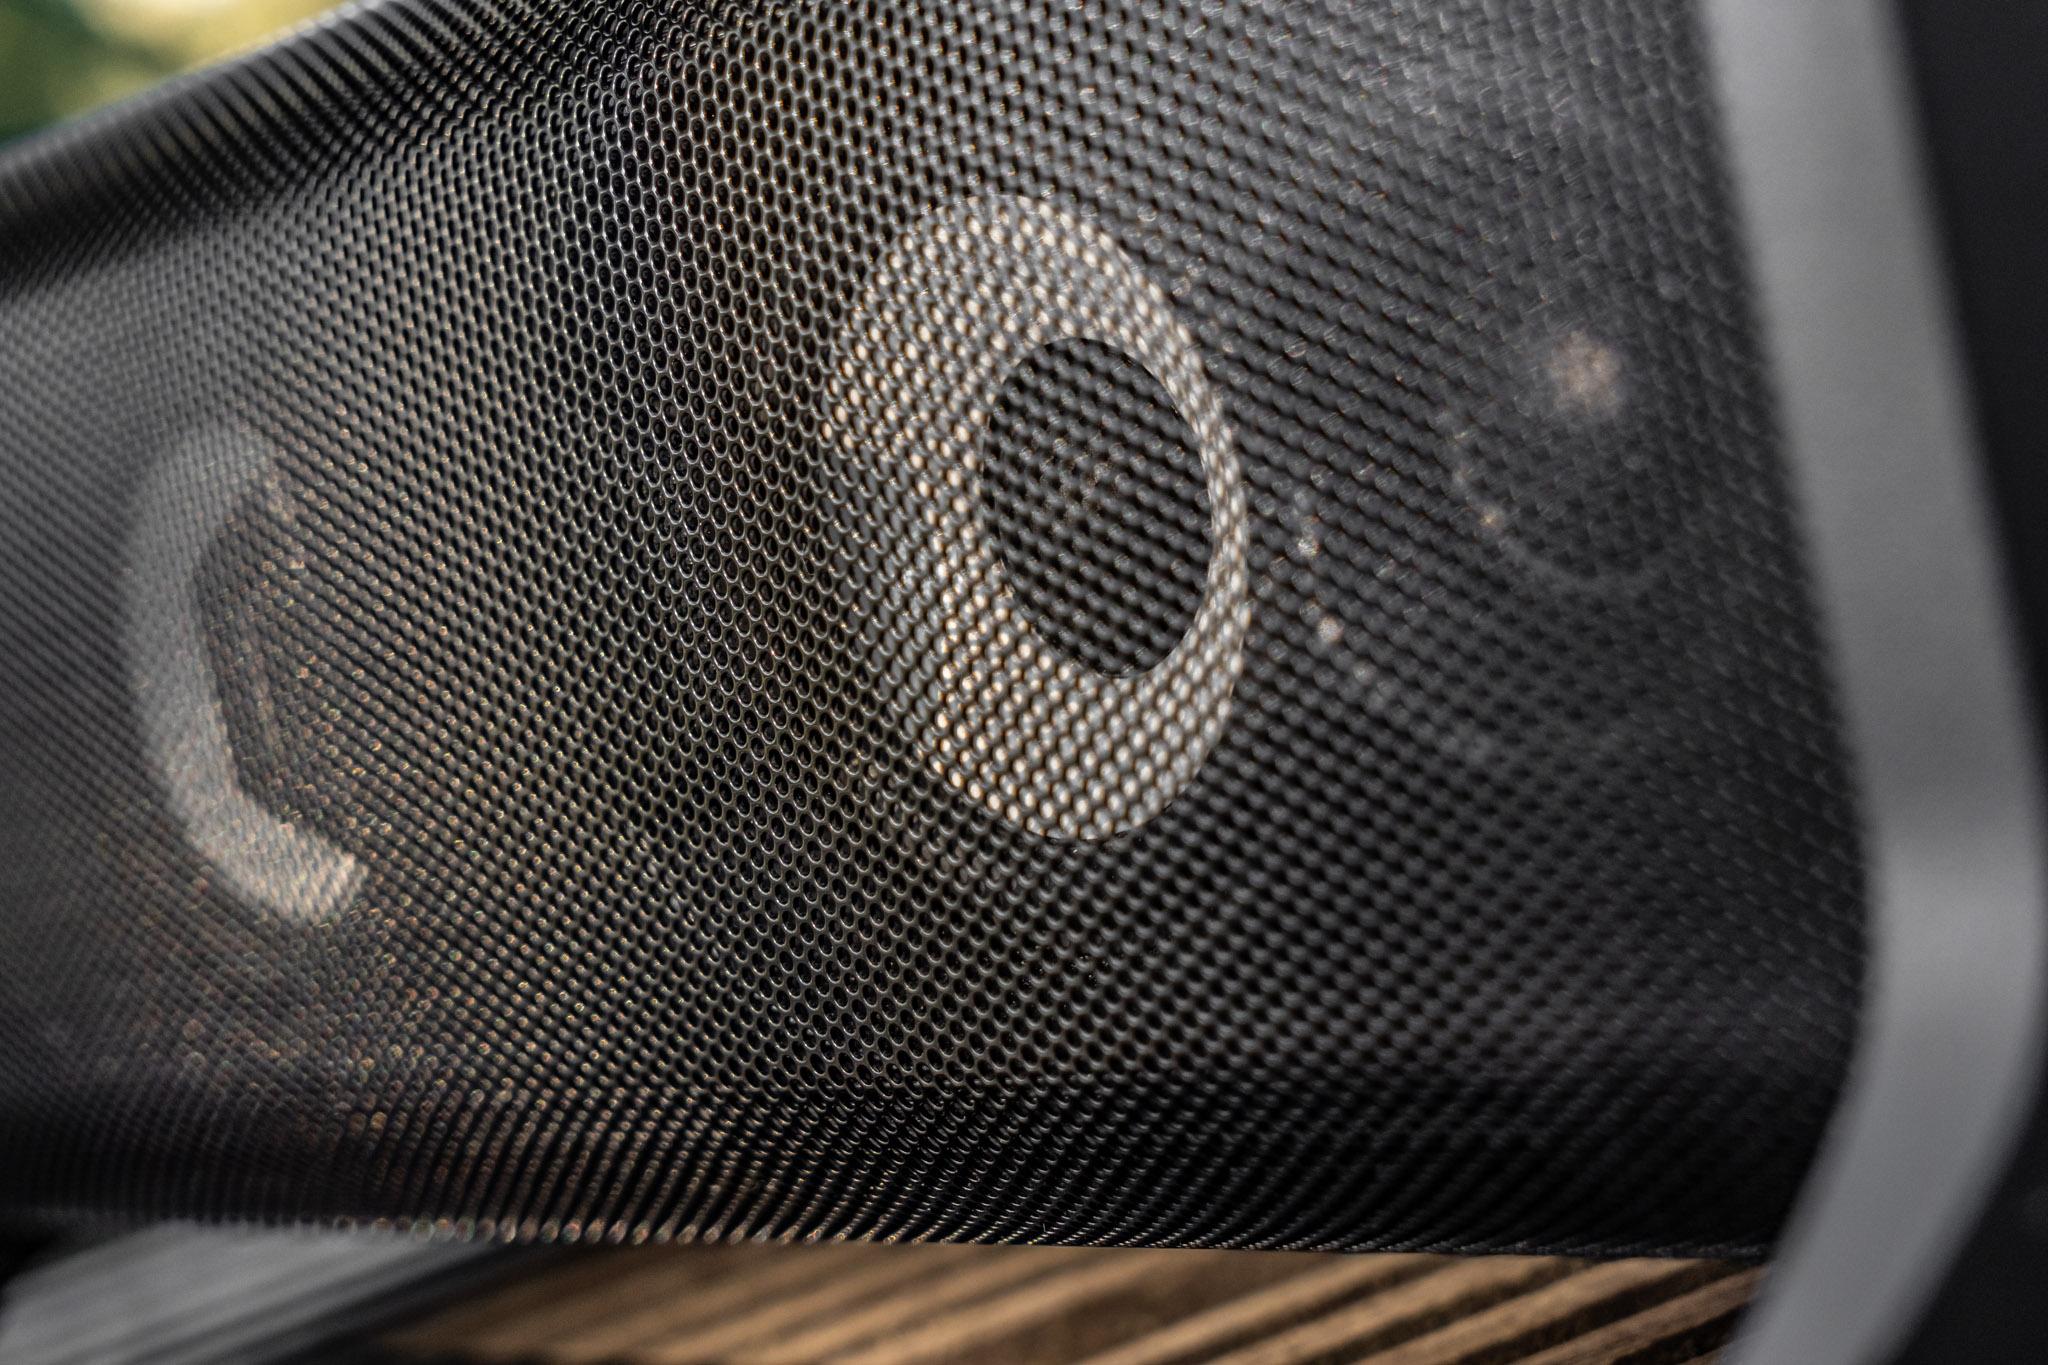 Das hinter dem feinmaschigen Metallgitter platzierte Doppel Zwei Wege System zeigt auch unter höheren Pegeln beeindruckende Leistungen